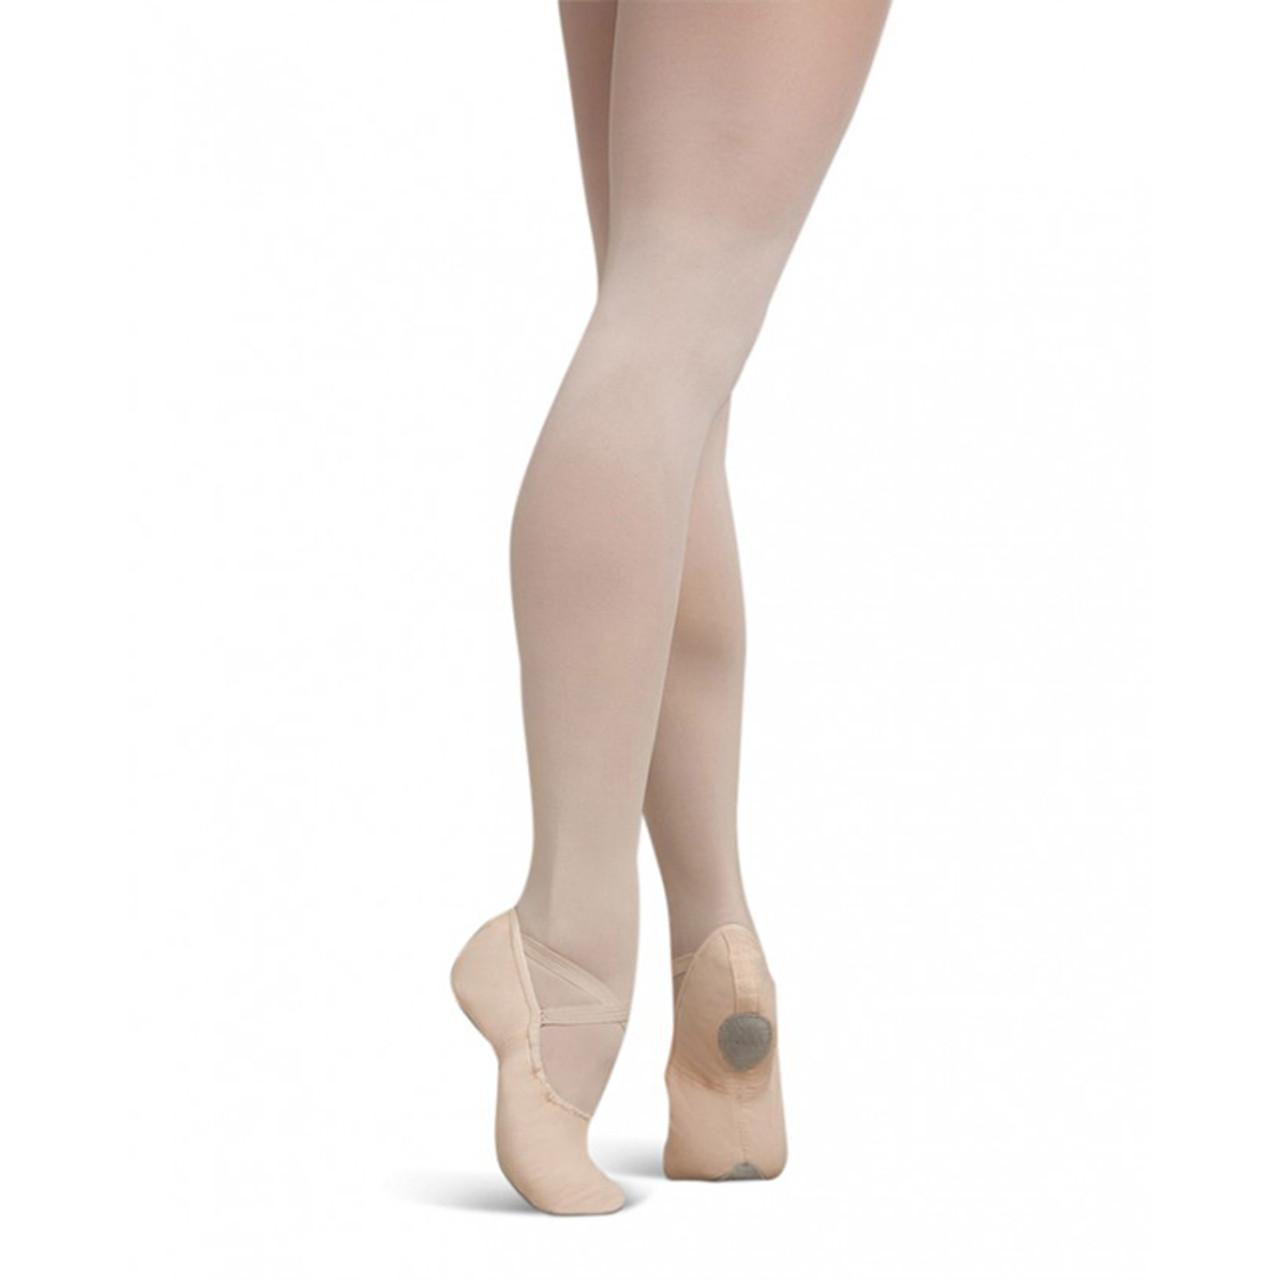 d0a12bd20ab Capezio Cobra Canvas Ballet Shoes